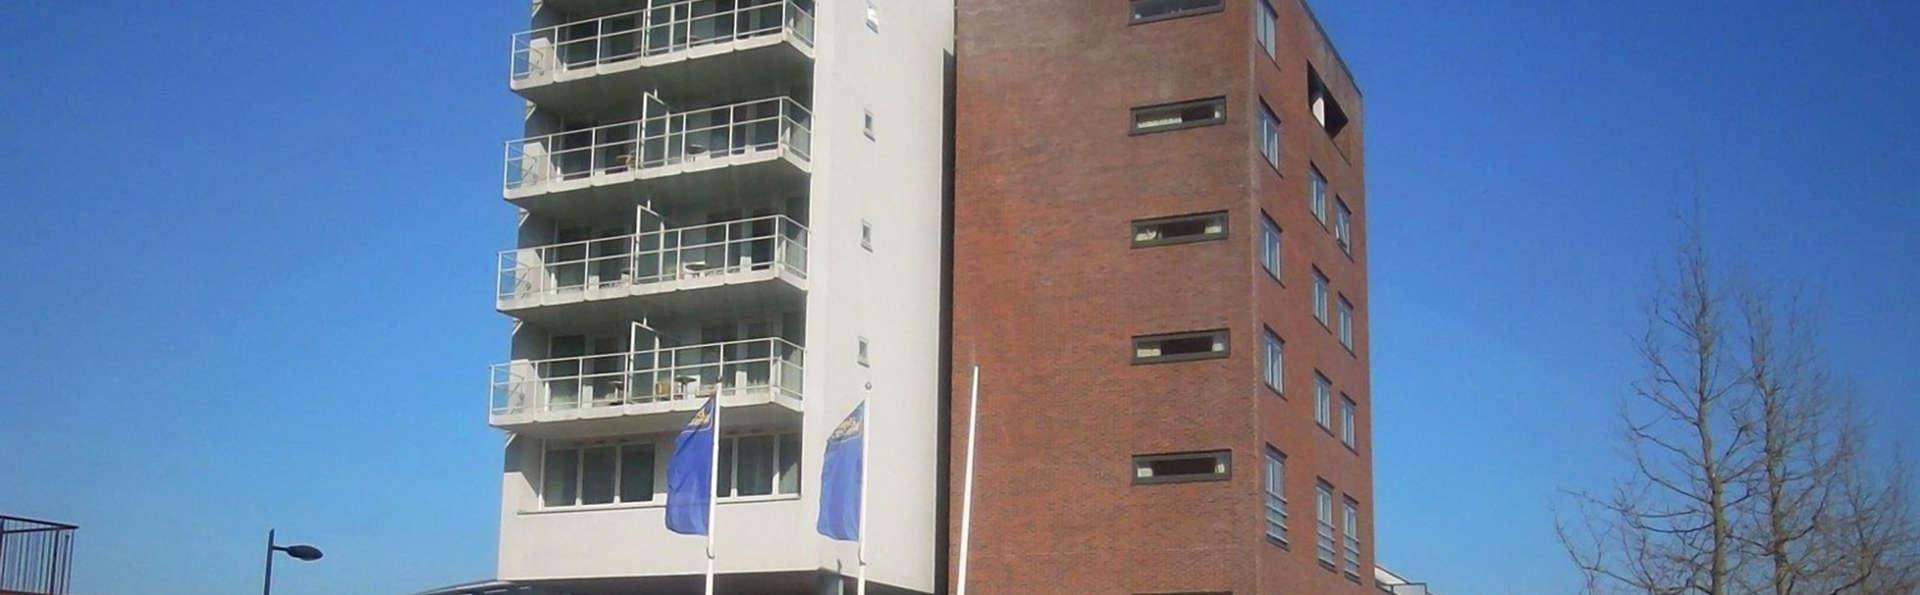 City Hotel Stadskanaal - EDIT_Exterior.jpg